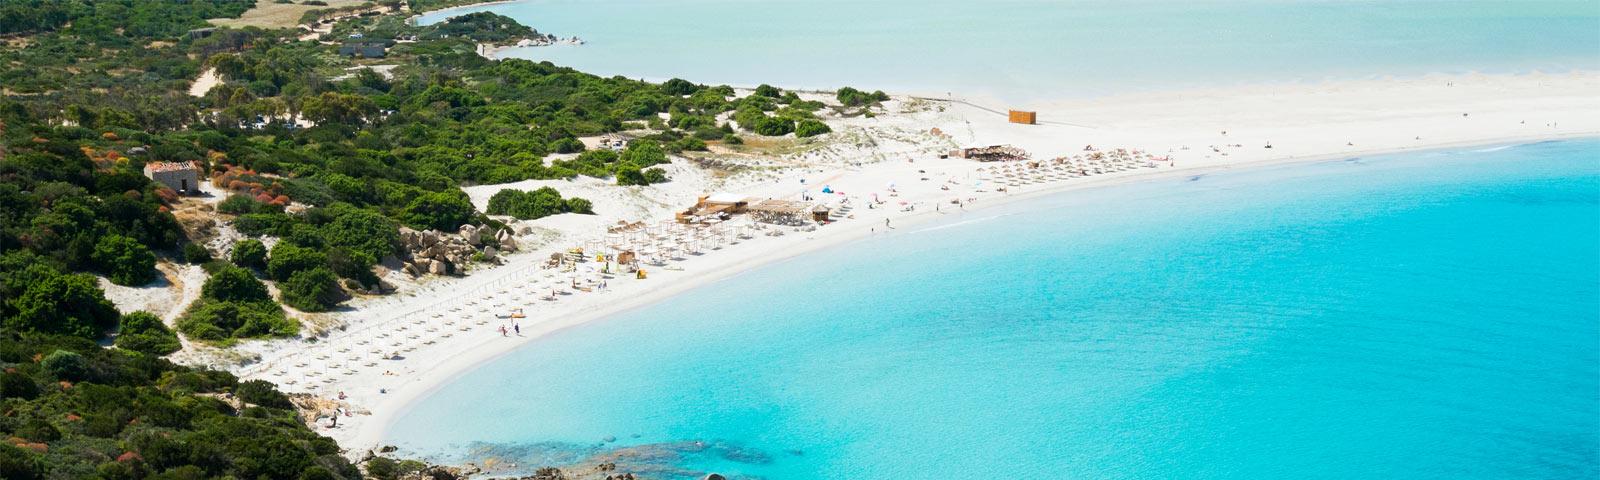 Luxury sardinia holidays luxury hotels elegant resorts for Best boutique hotels sardinia